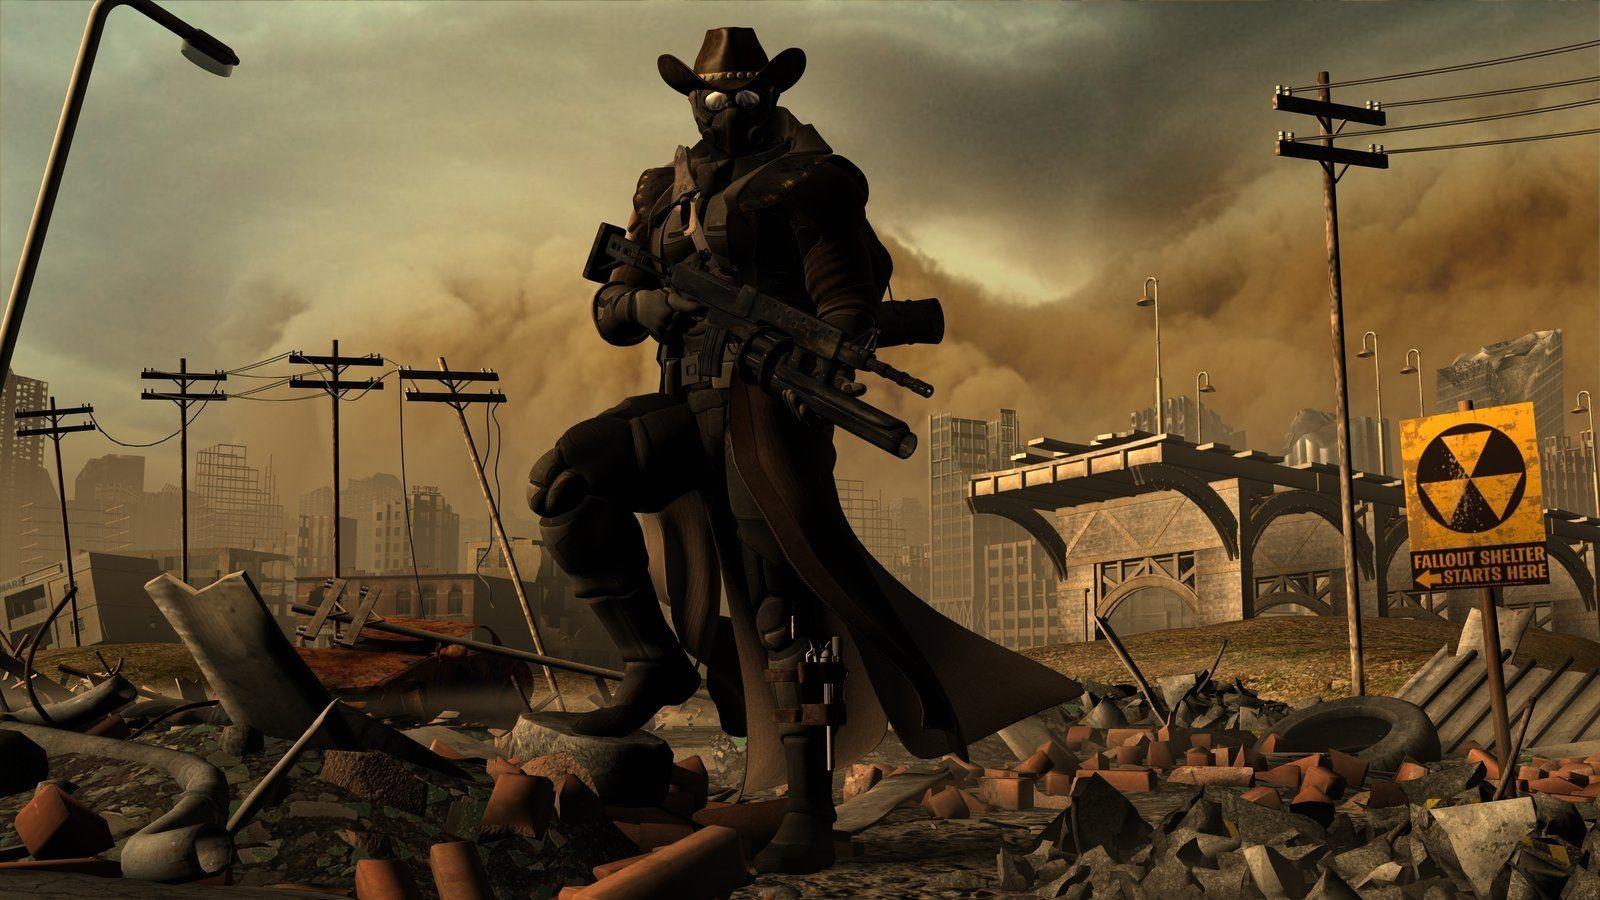 Кампания Wasteland 3 наFig уже набрала денежных средств  больше, чем просила